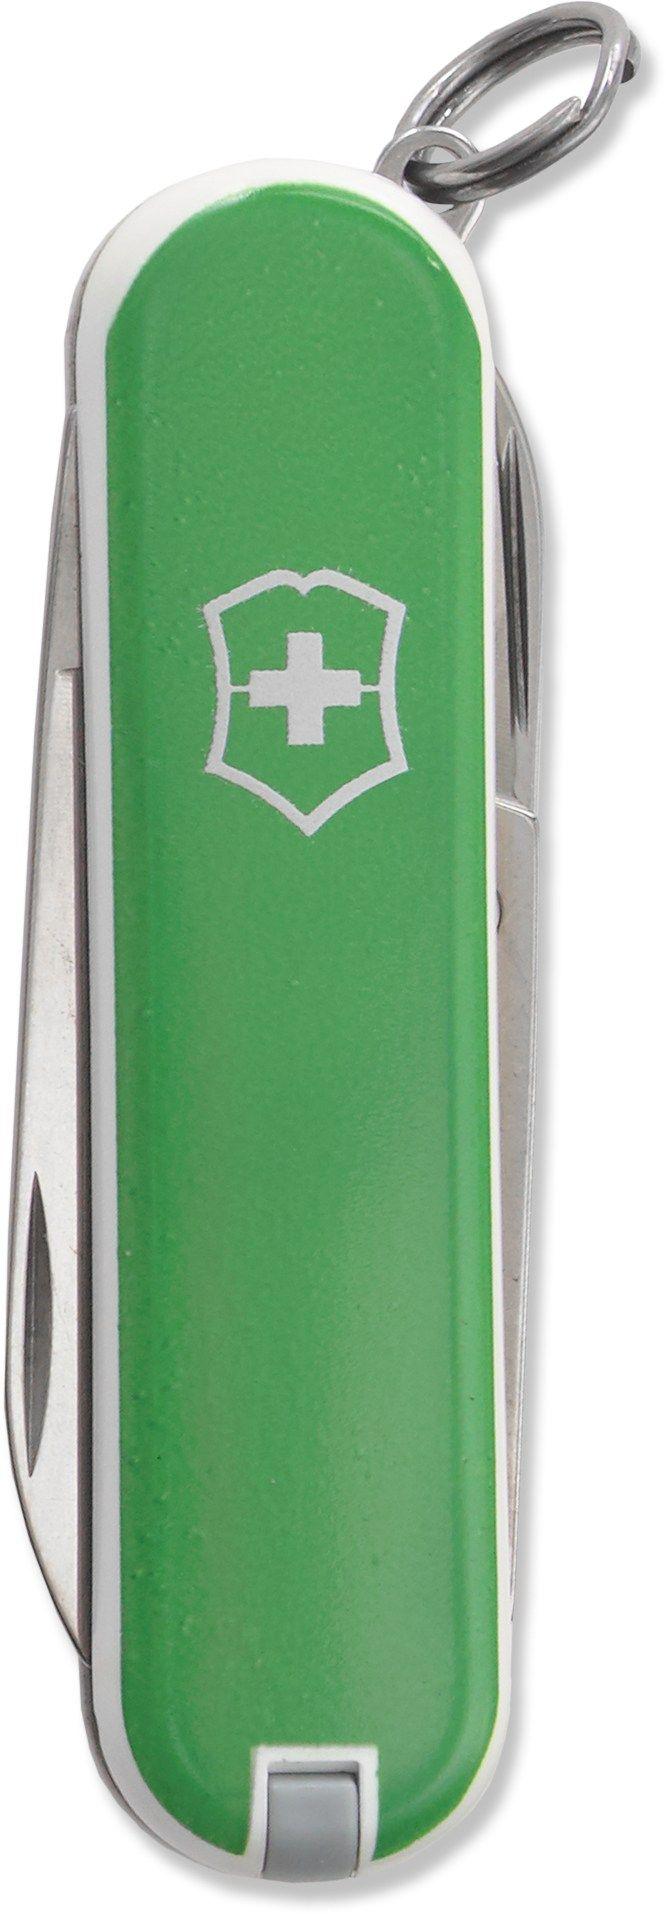 Classic mini Swiss Army Knife: Victorinox Classic Swiss Army Knife at REI.com